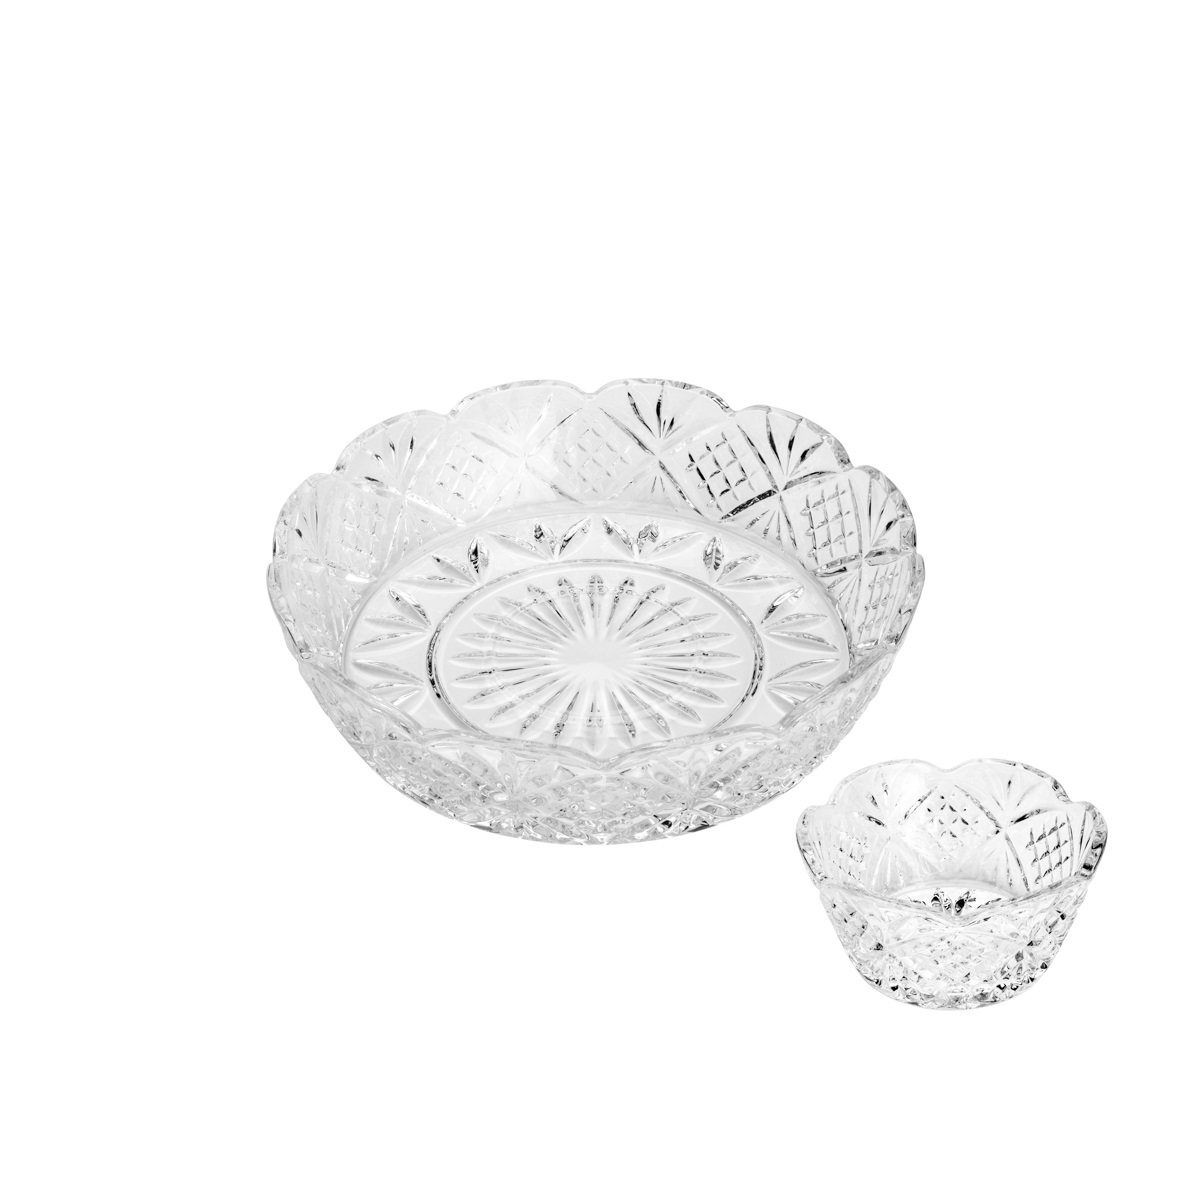 Conjunto com 2 Peças Petisqueira com Molheira  em Cristal Dublin 29,5x7,4cm/12,5x6,3cm